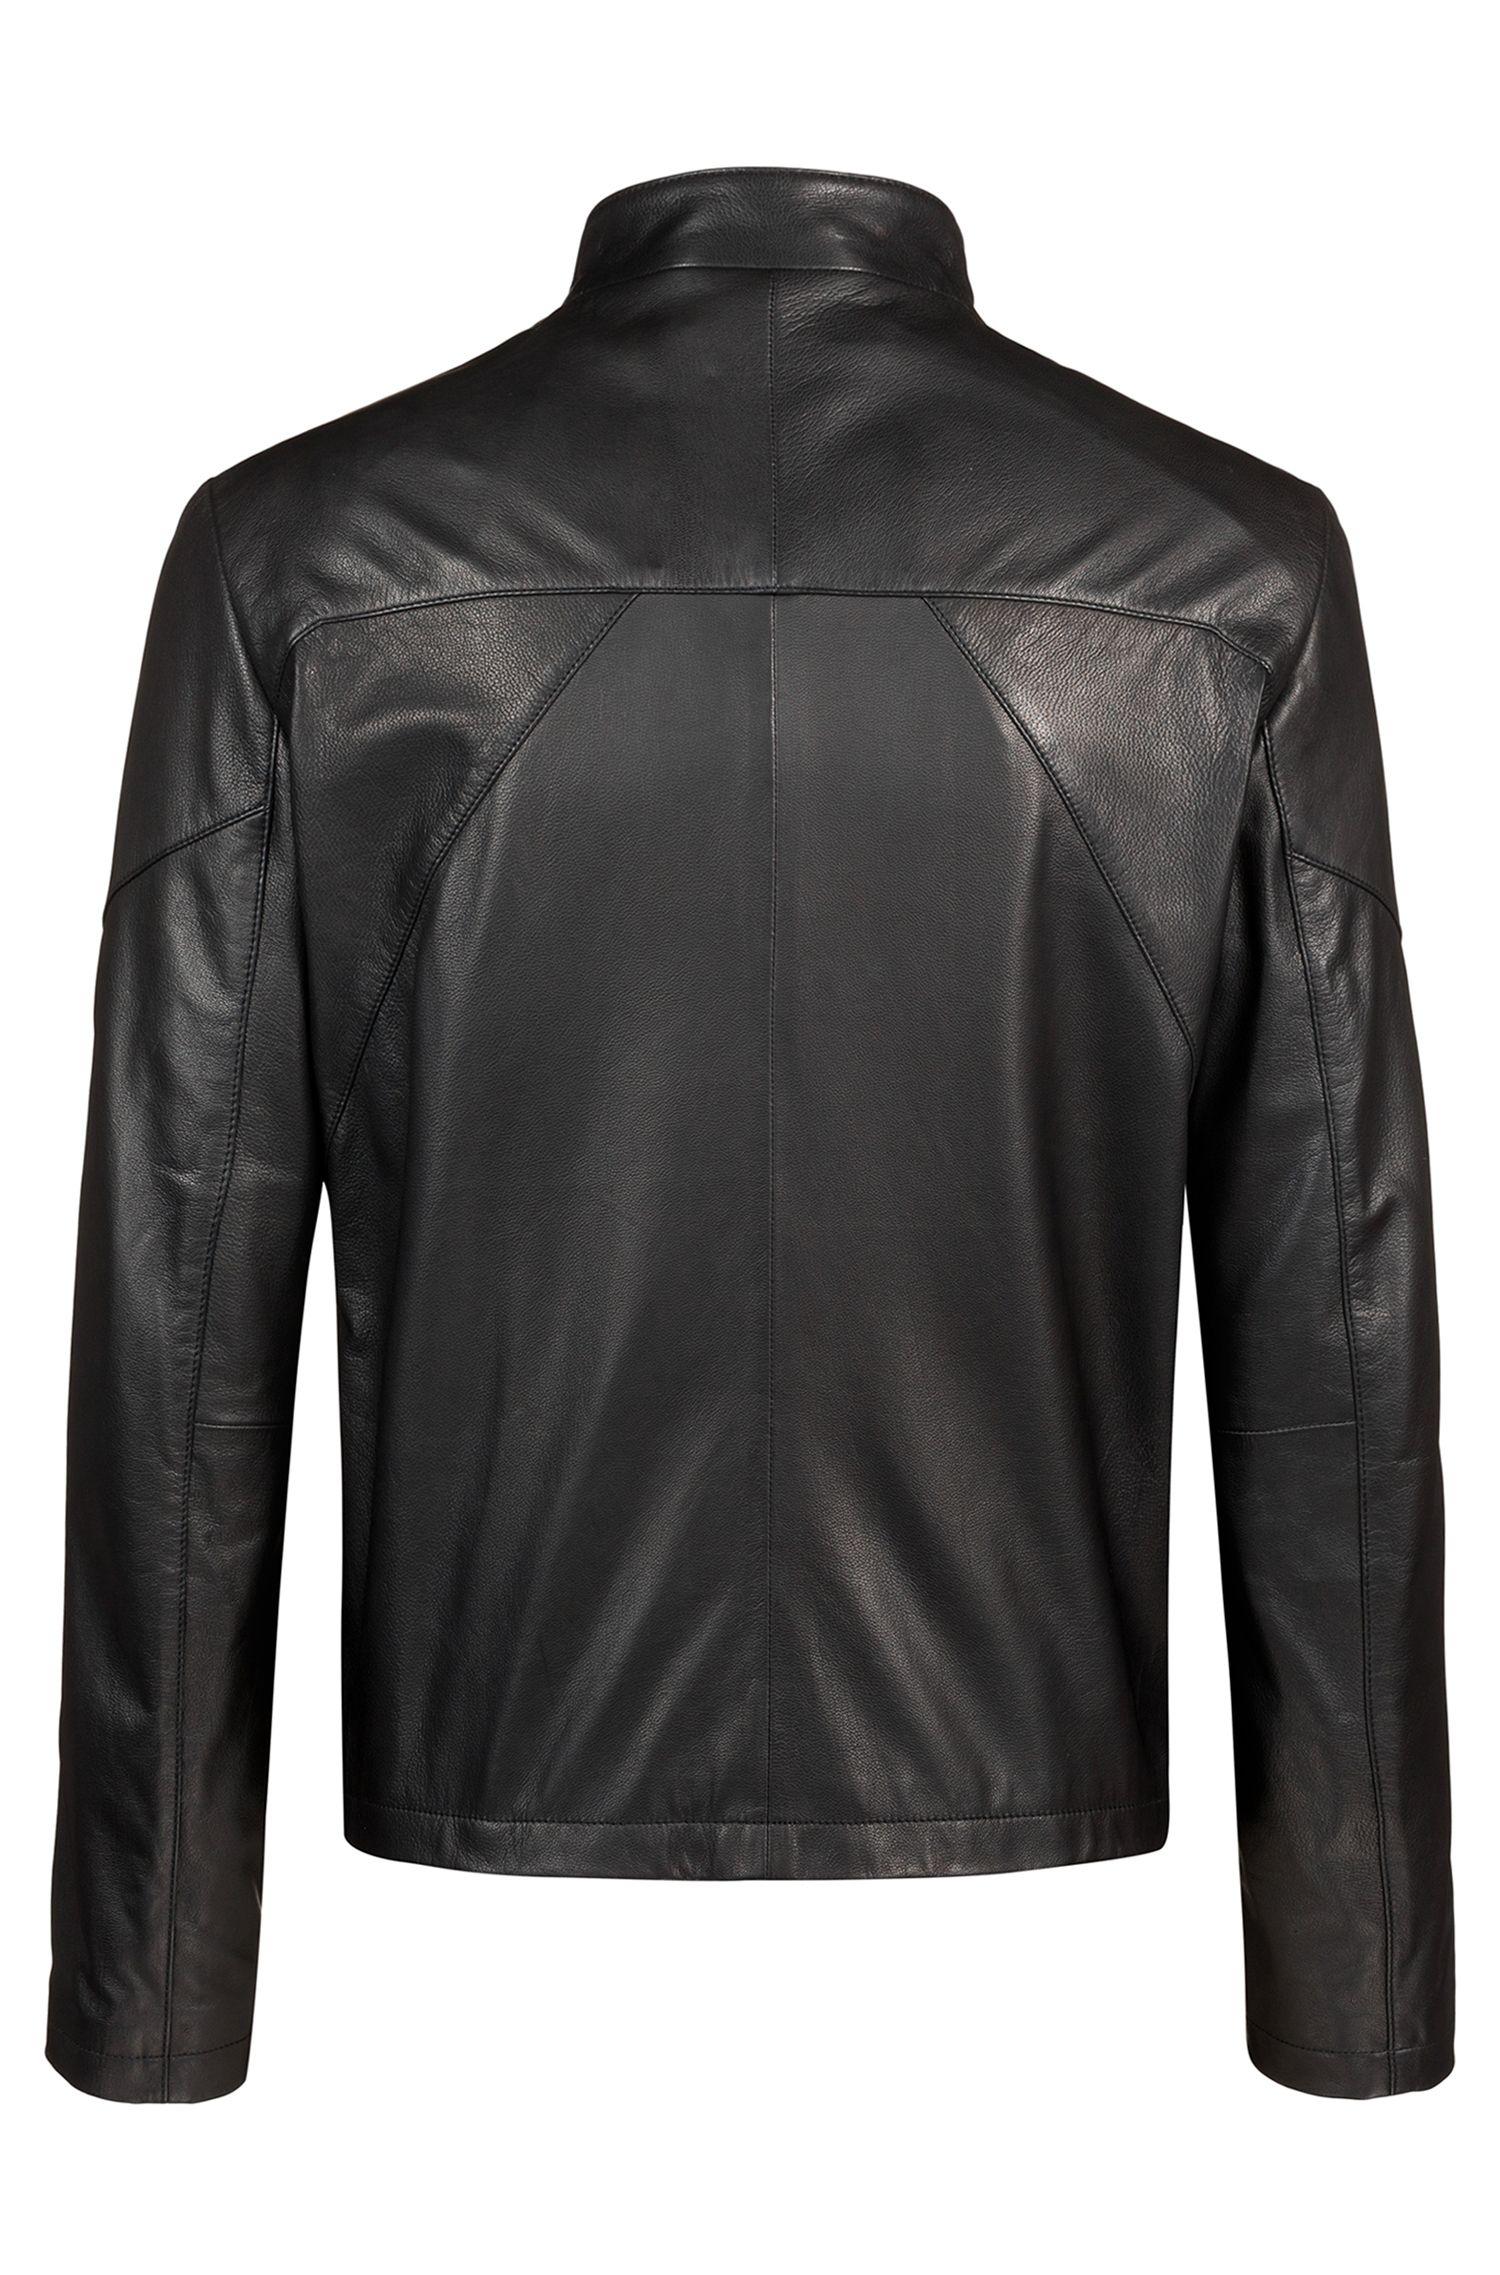 Hugo Boss - Cazadora biker slim fit en piel de napa - 4